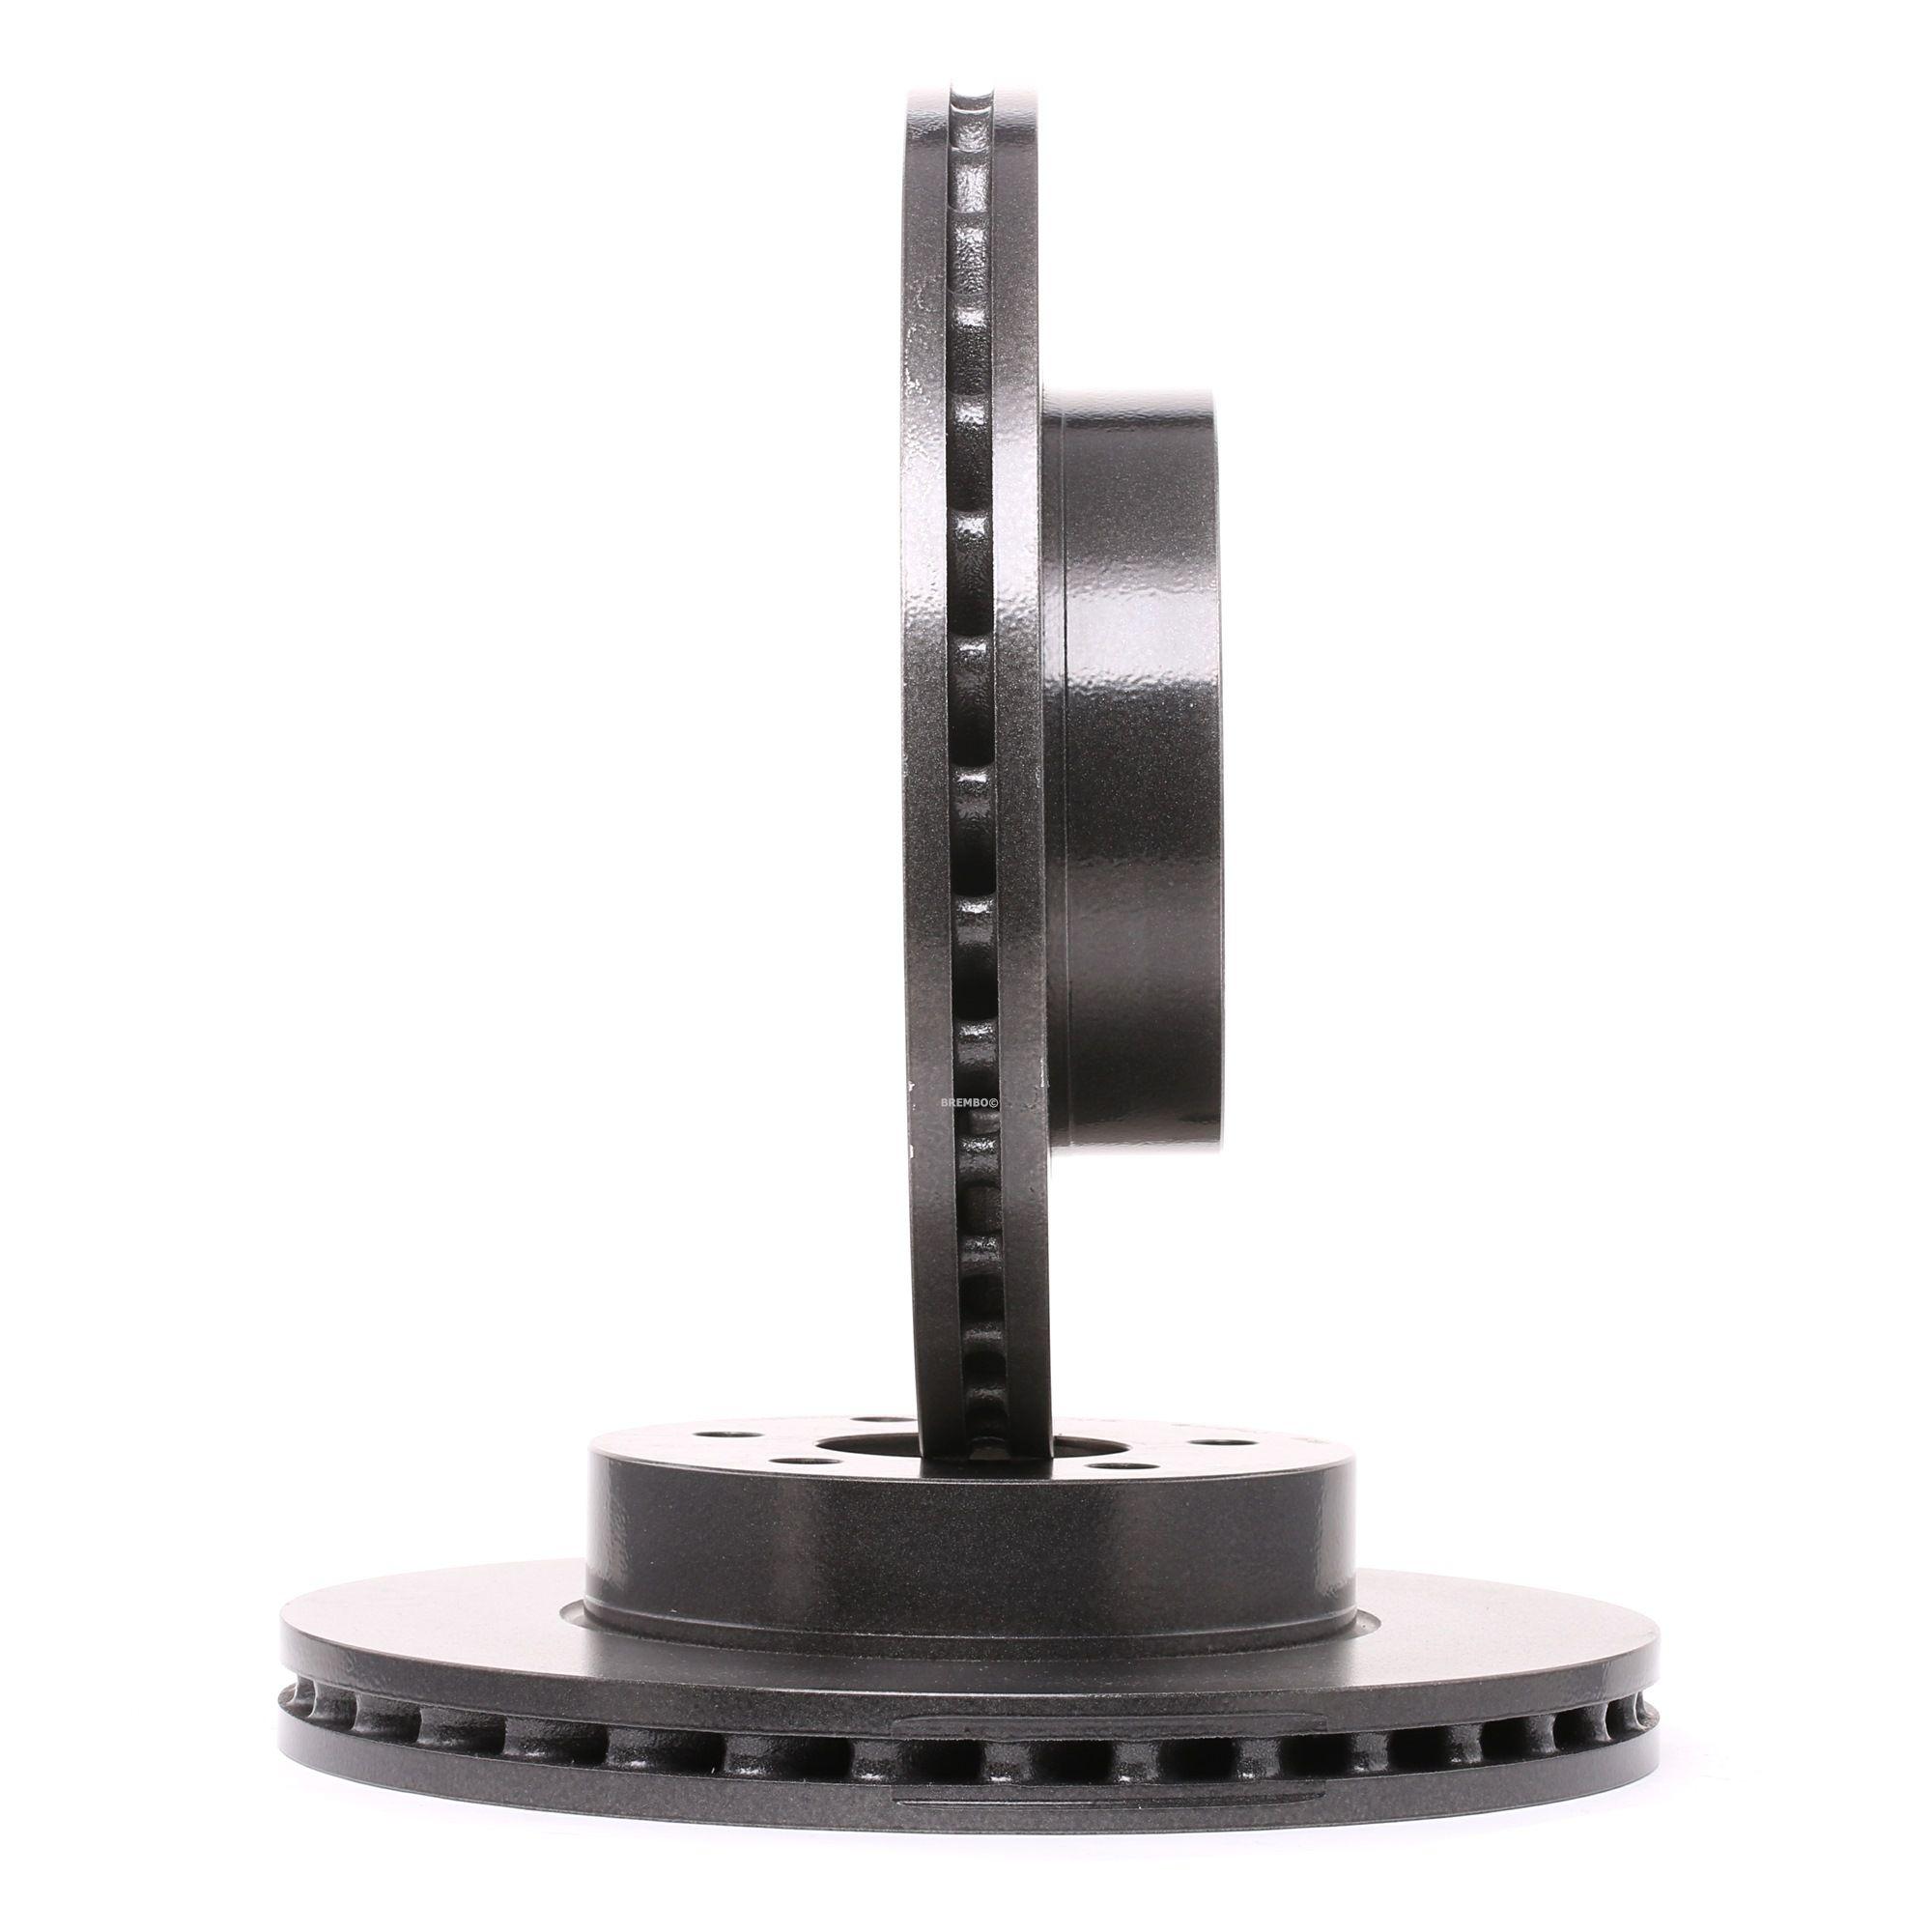 Dischi freno 09.B280.41 con un ottimo rapporto BREMBO qualità/prezzo